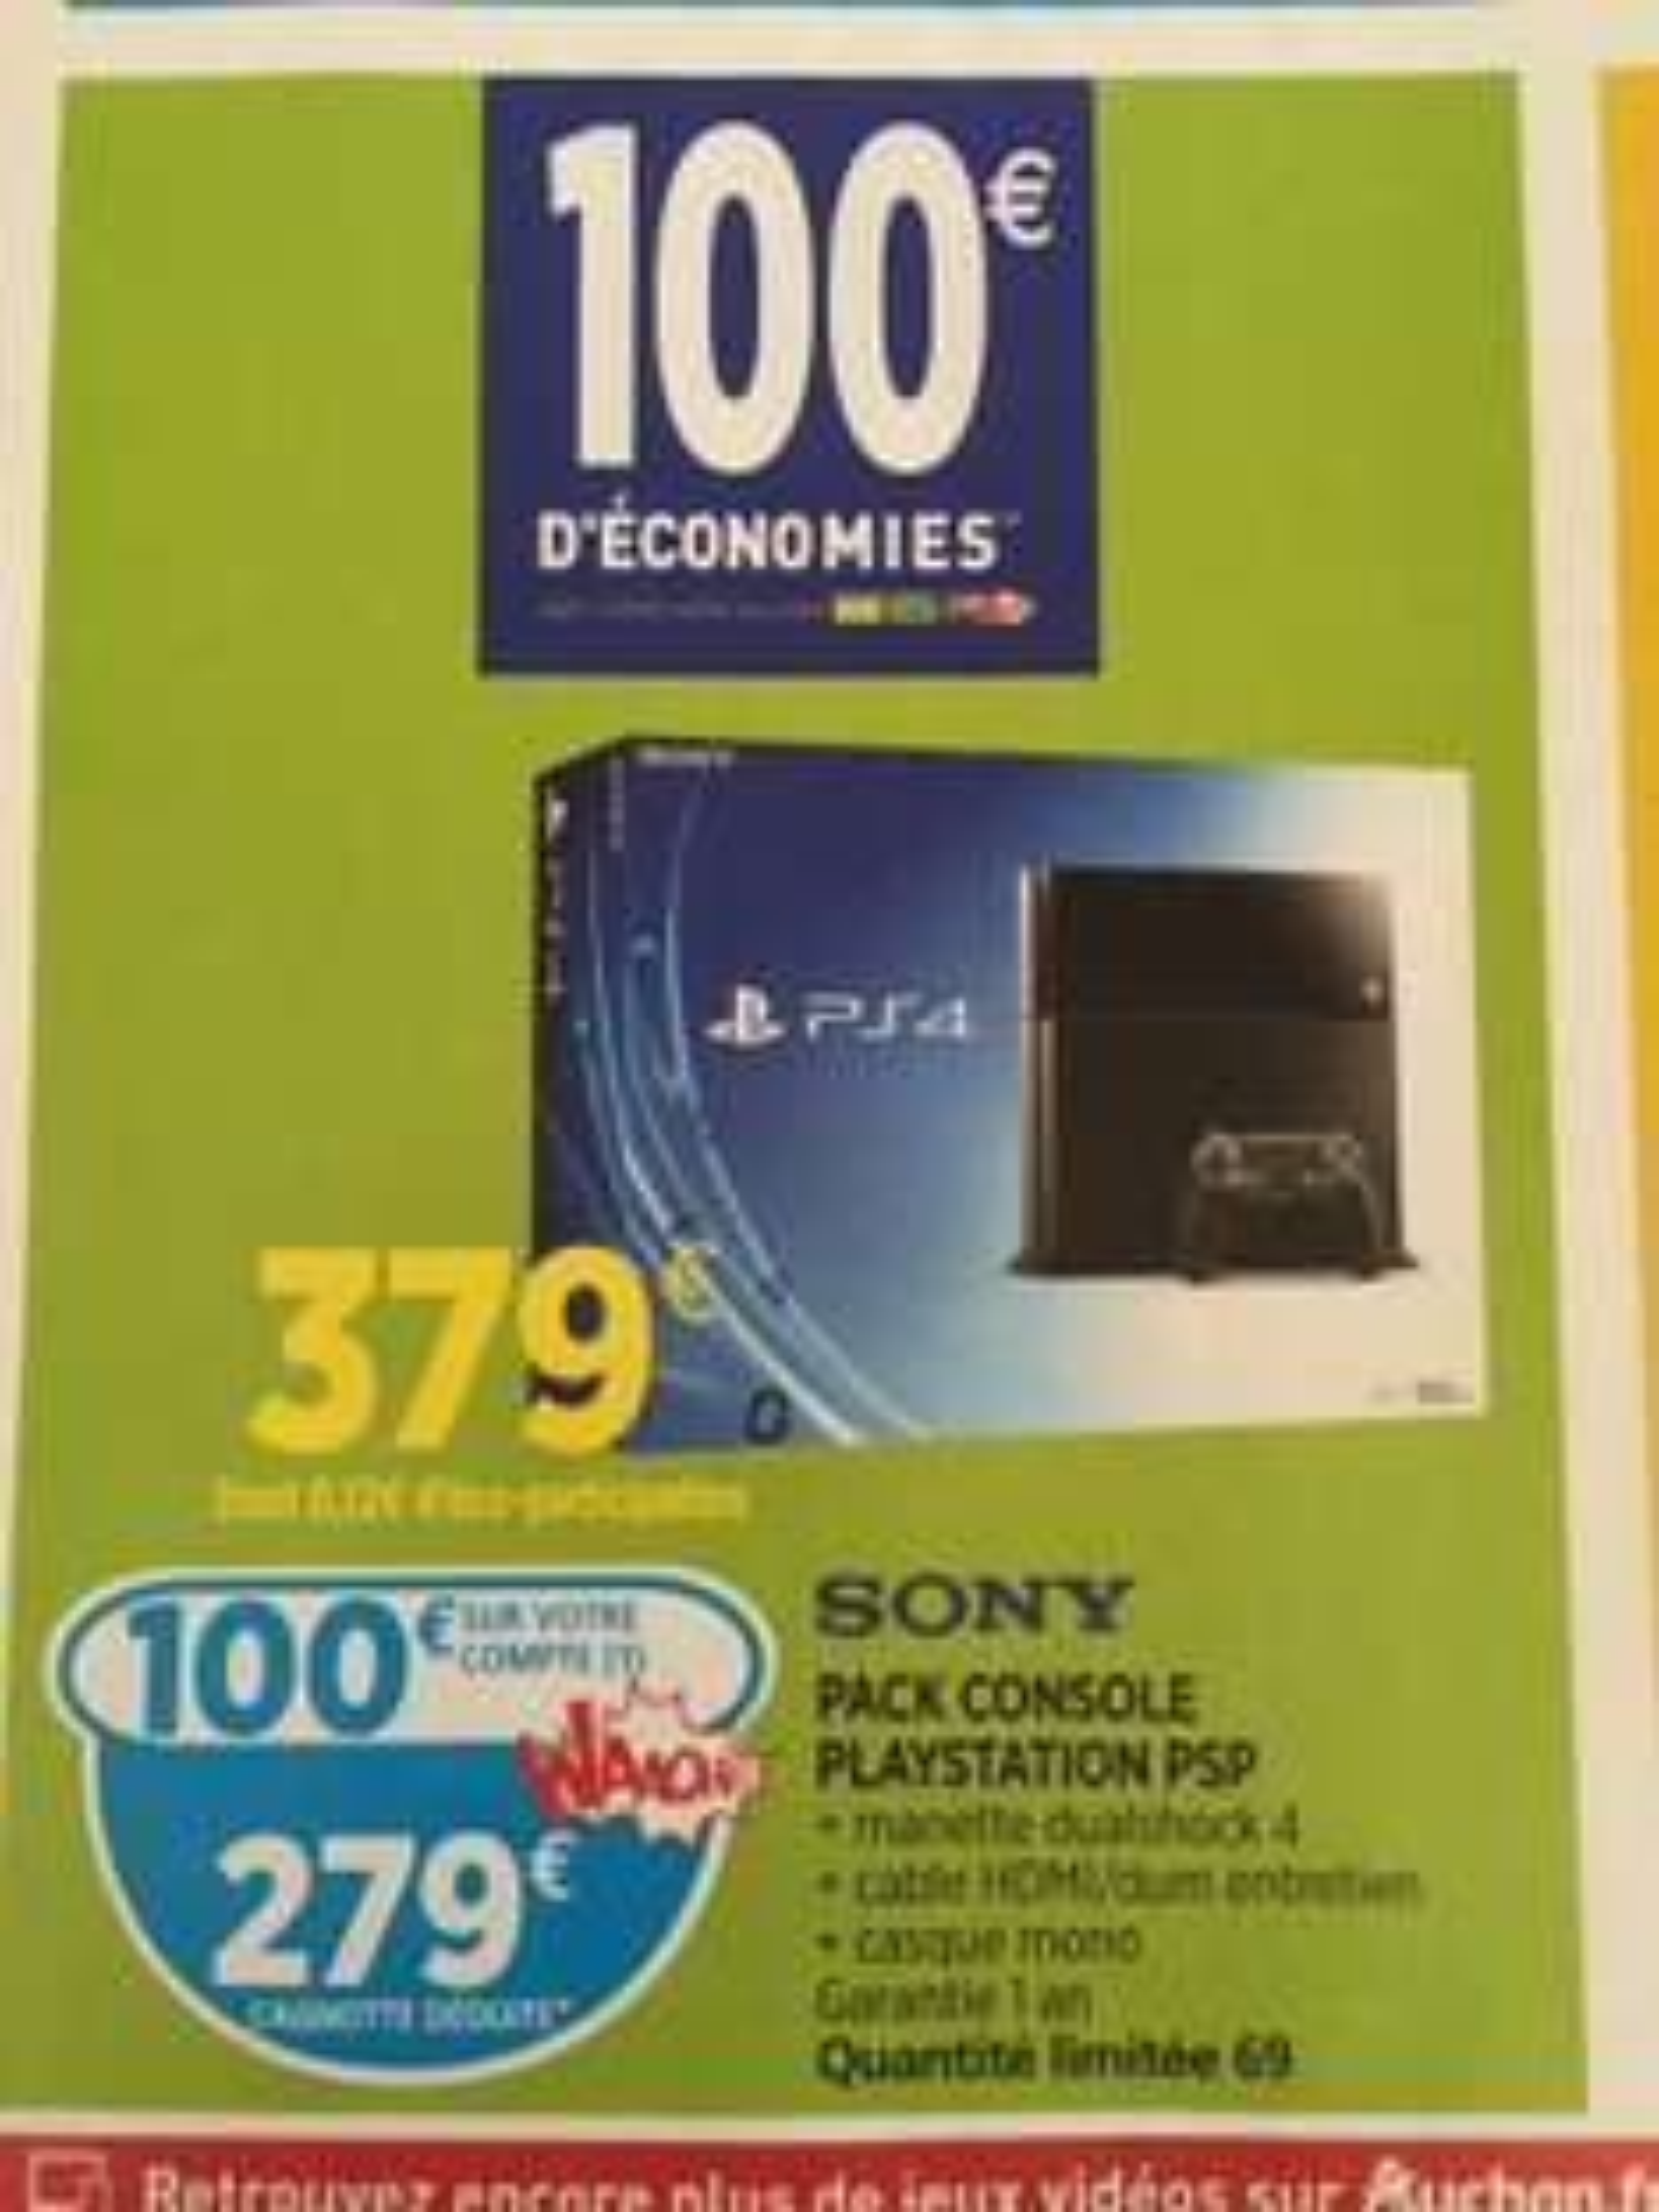 Console PlayStation 4 500Go (Avec 100€ sur carte de fidélité)